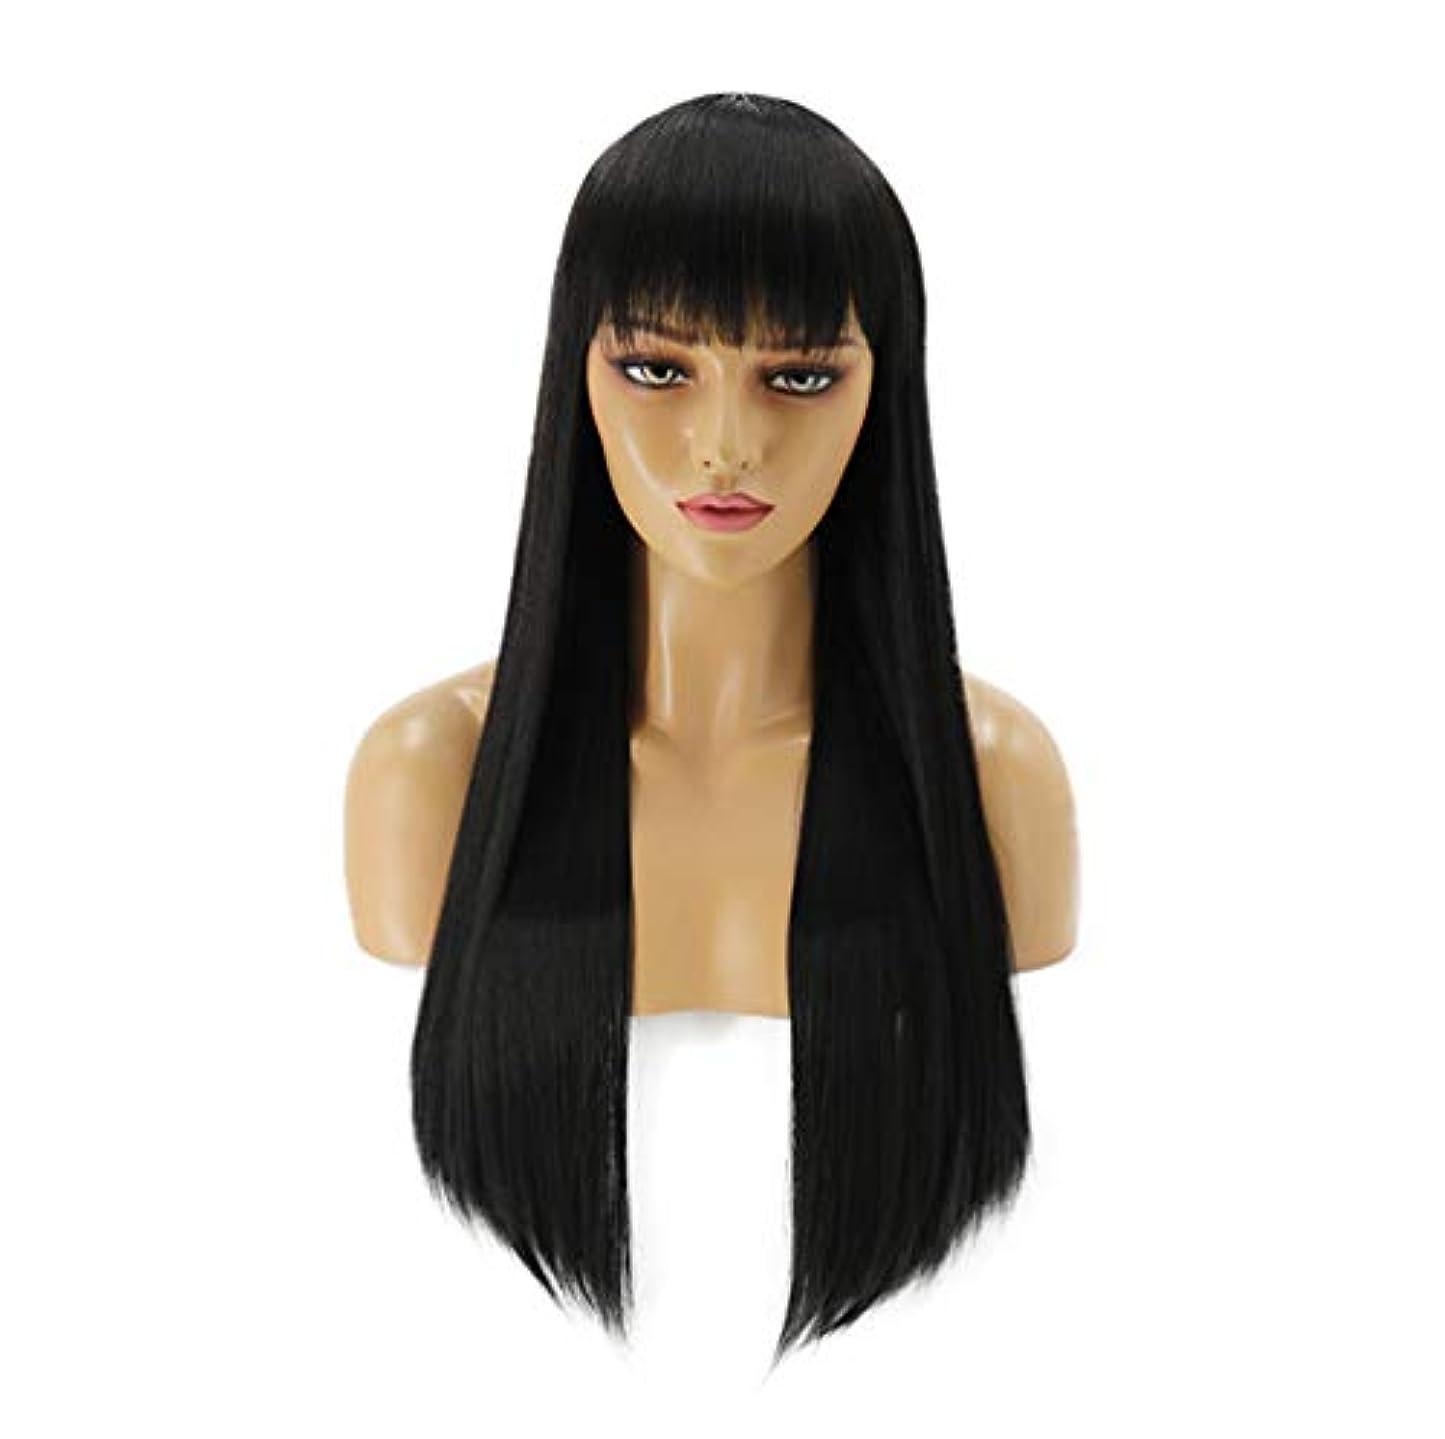 影響するコンチネンタル踏みつけ女性150%密度髪合成かつらロングストレート耐熱髪事前摘み取らかつら黒70センチ